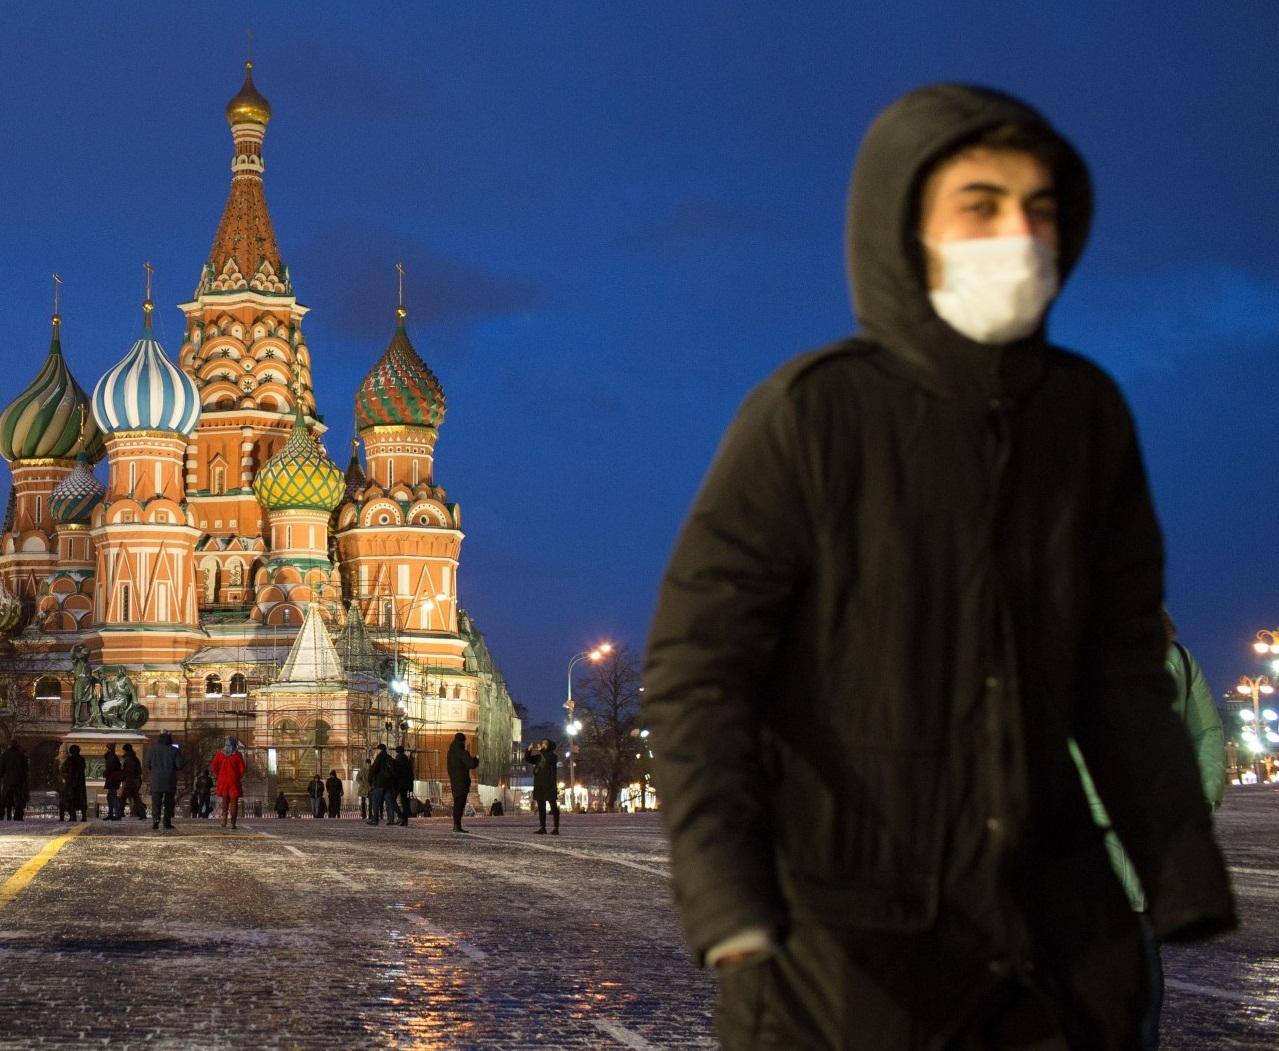 لە روسیا بەرزترین رێژەی توشبونی كۆرۆنا لە شەو و رۆژێكدا راگەیەندرا